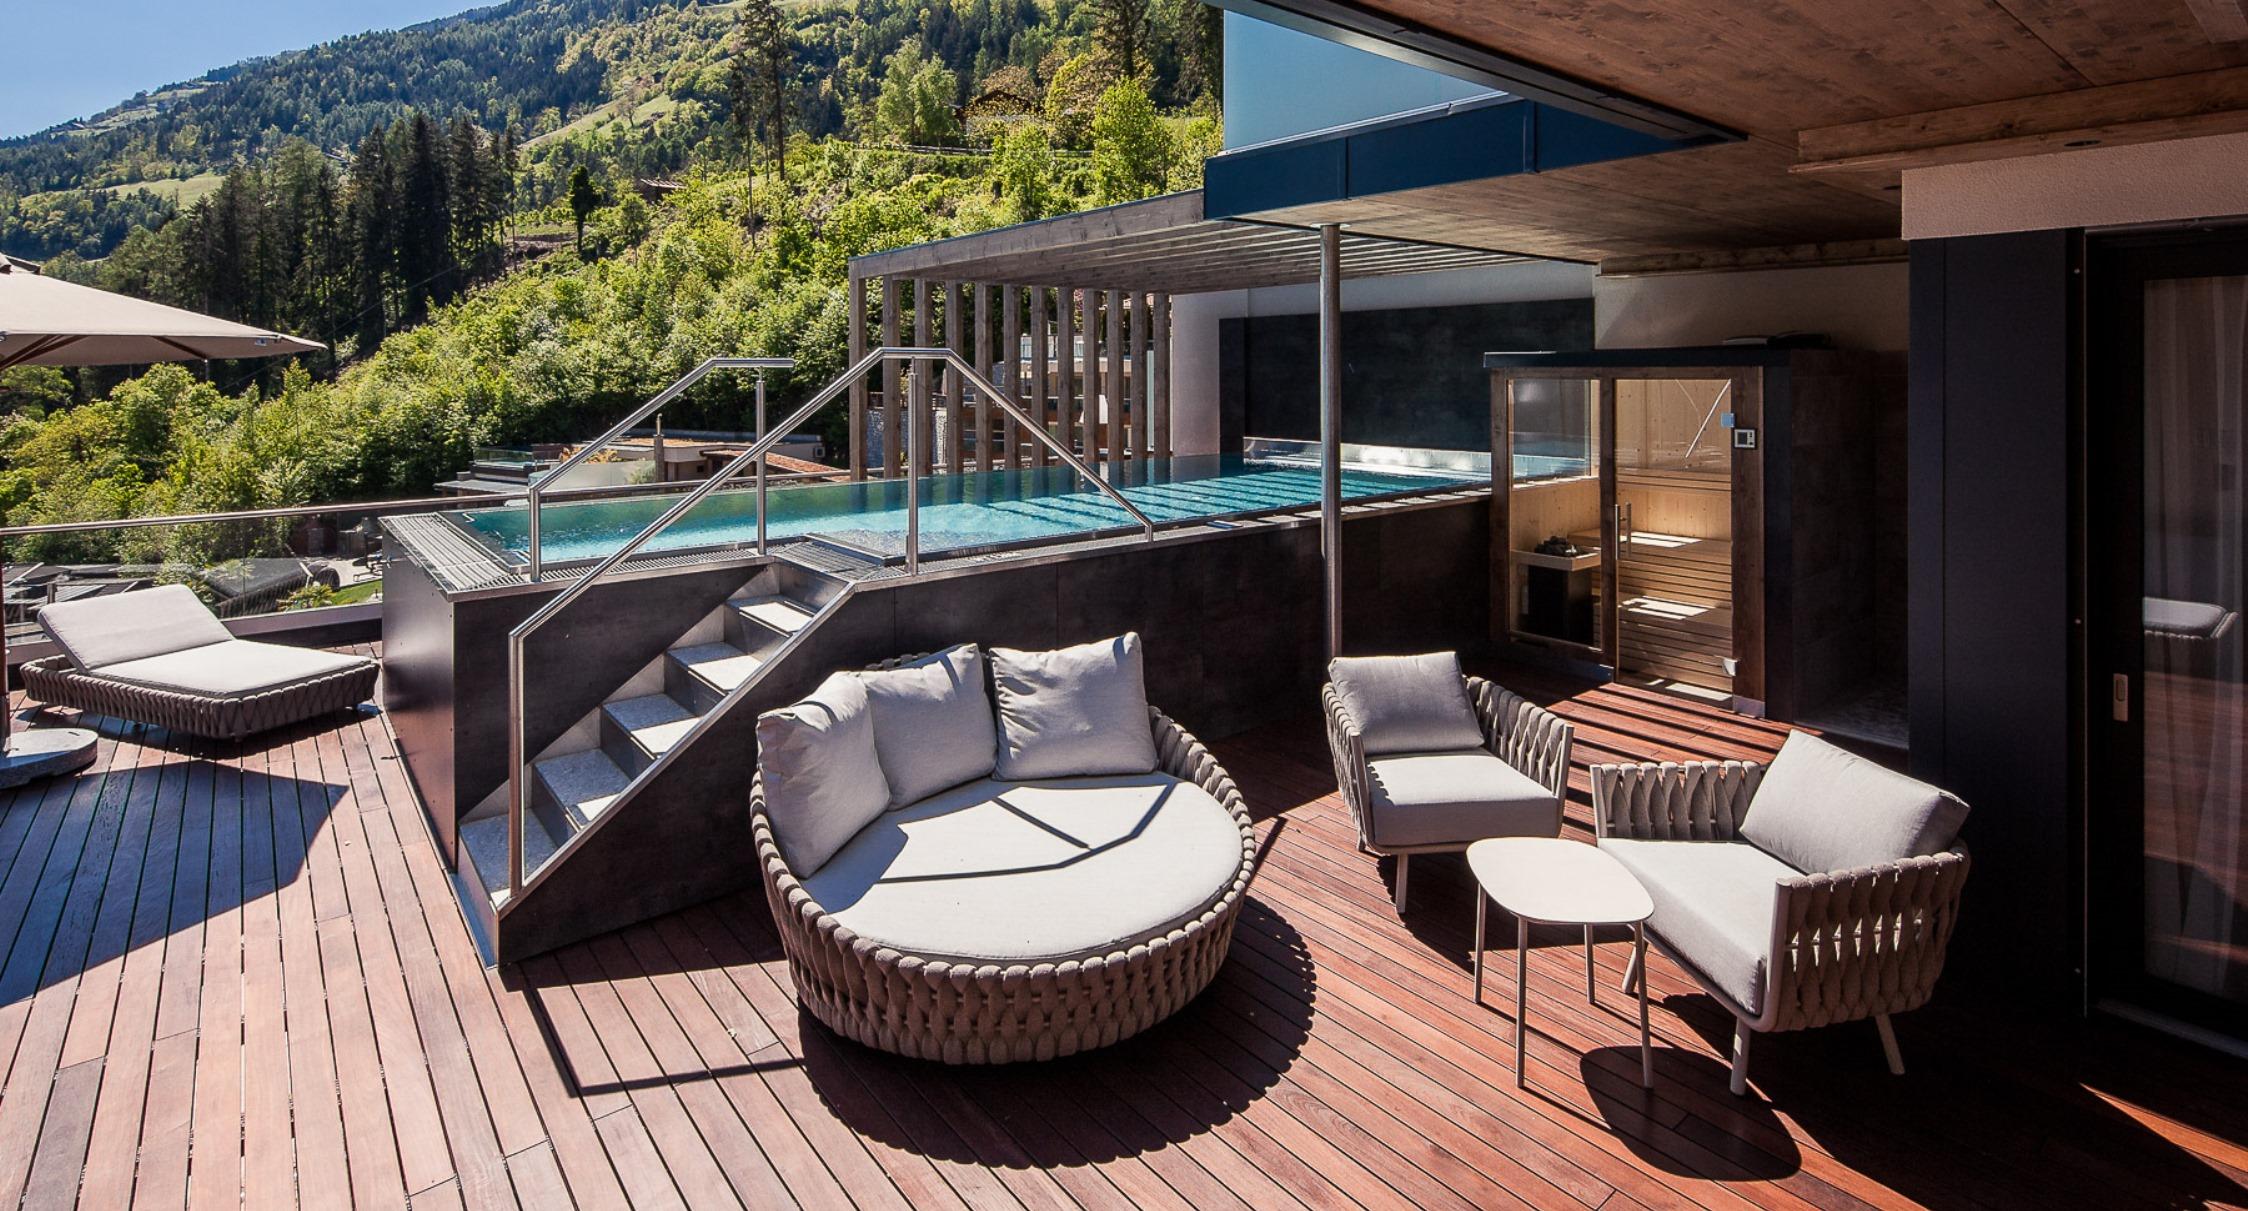 Hotelzimmer mit whirlpool auf terrasse italien wohn design for Design wellnesshotel sudtirol